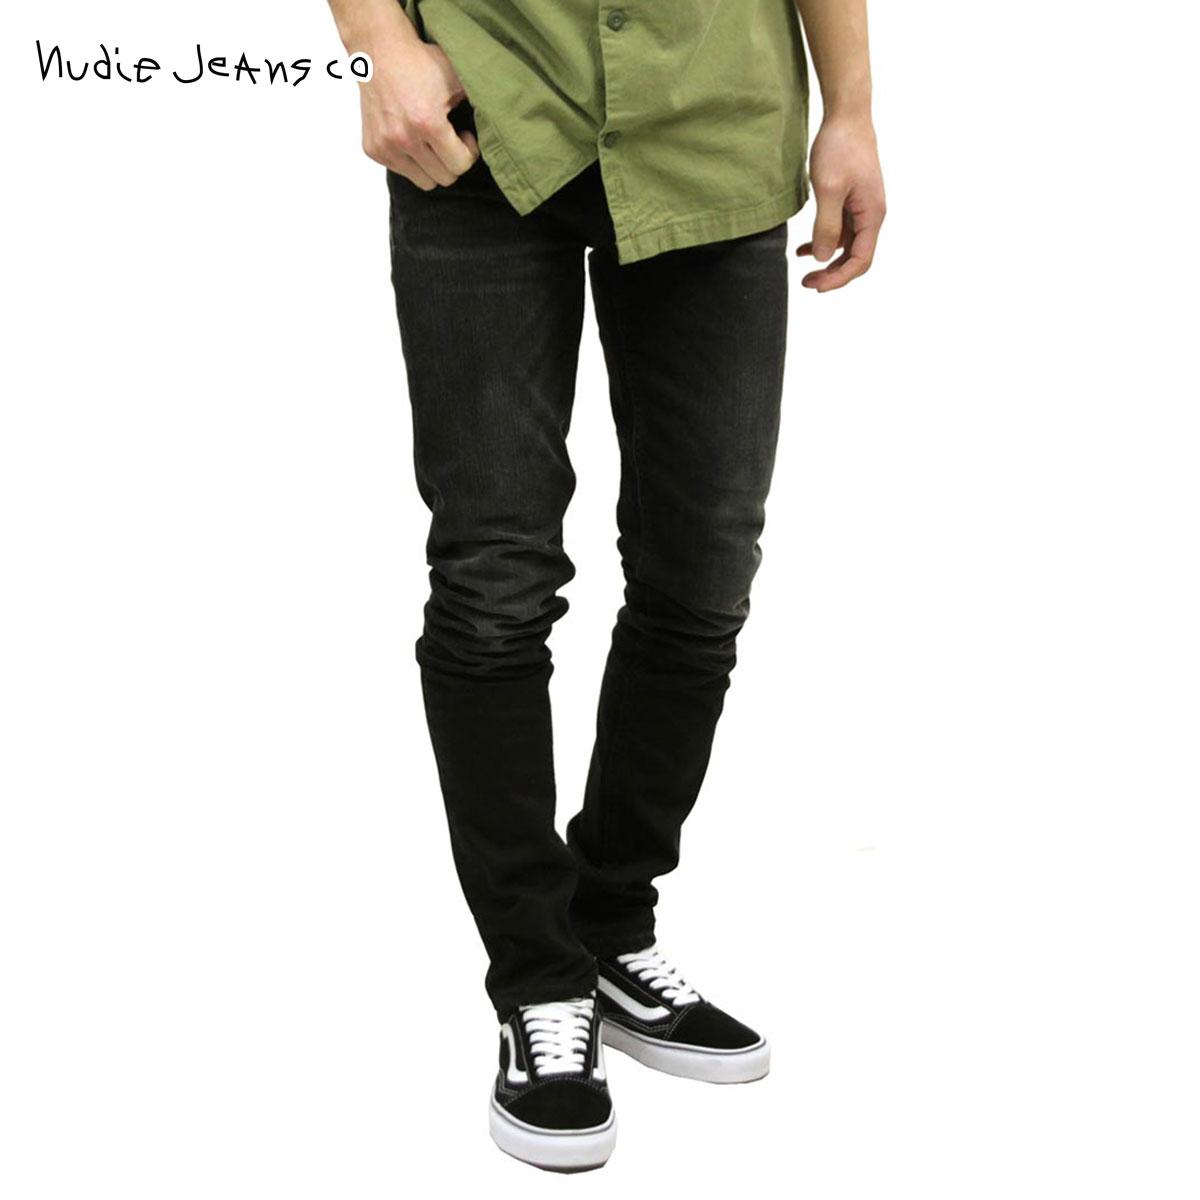 ヌーディージーンズ ジーンズ メンズ 正規販売店 Nudie Jeans グリムティム ボトムス ジーパン GRIM TIM DENIM JEANS DEEP BLACK WORN 572 1125510